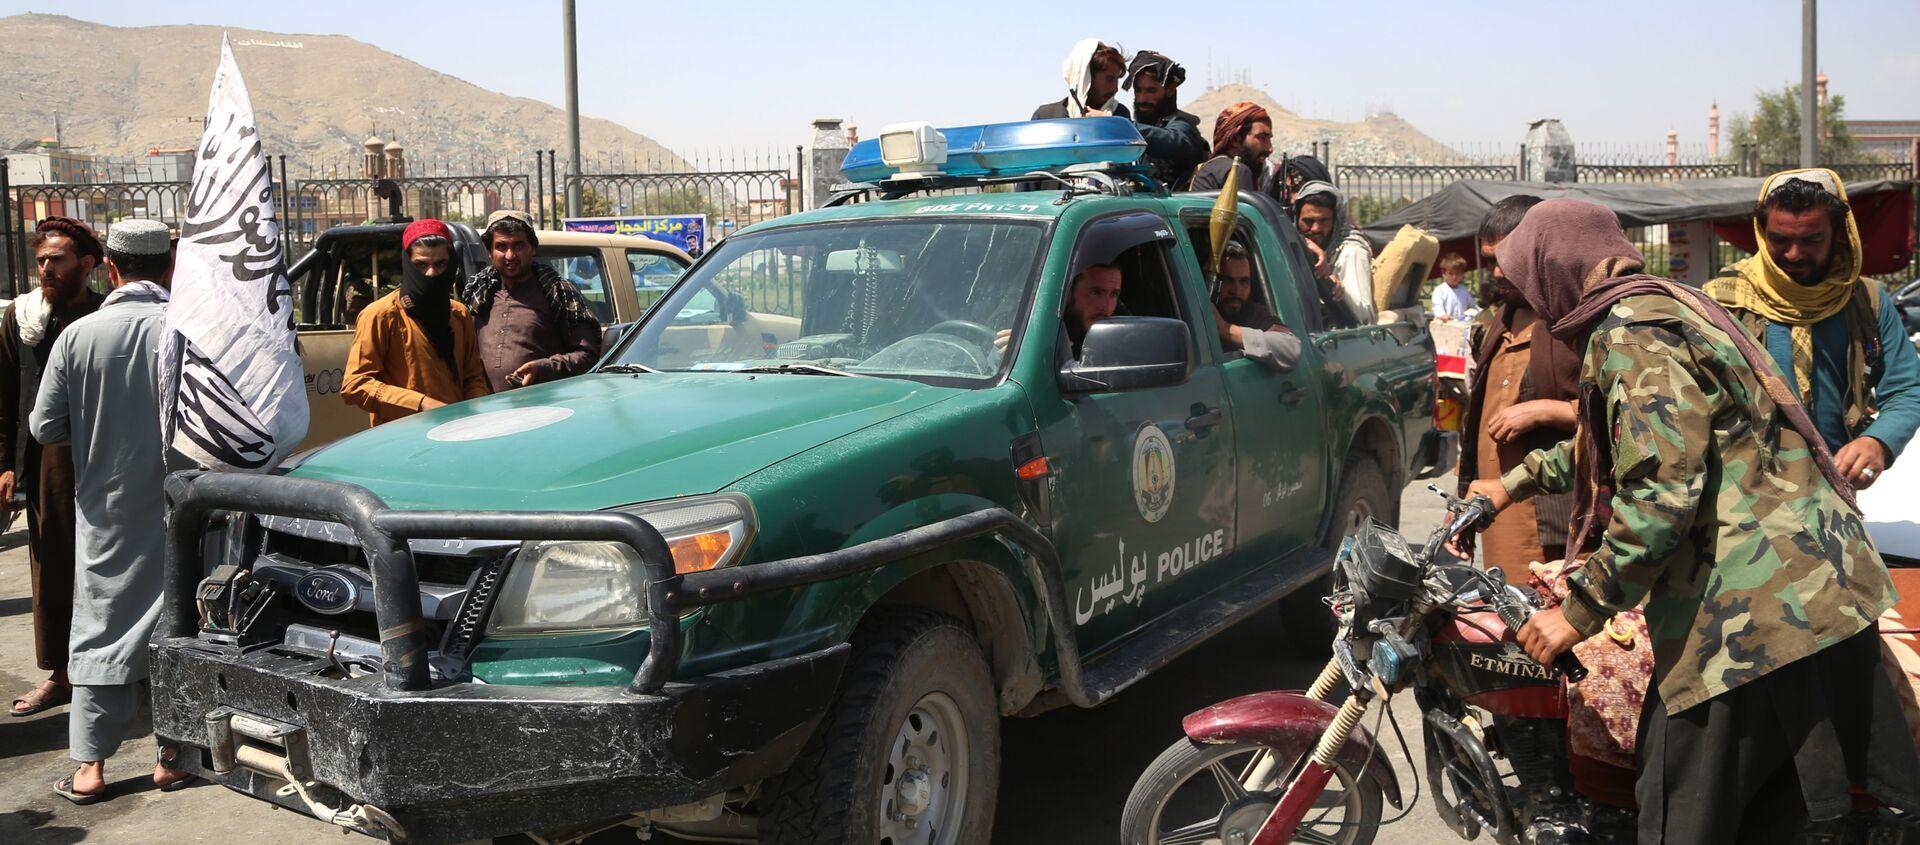 Боевики движения Талибан в Кабуле (16 августа 2021). Афганистан - Sputnik Արմենիա, 1920, 20.08.2021